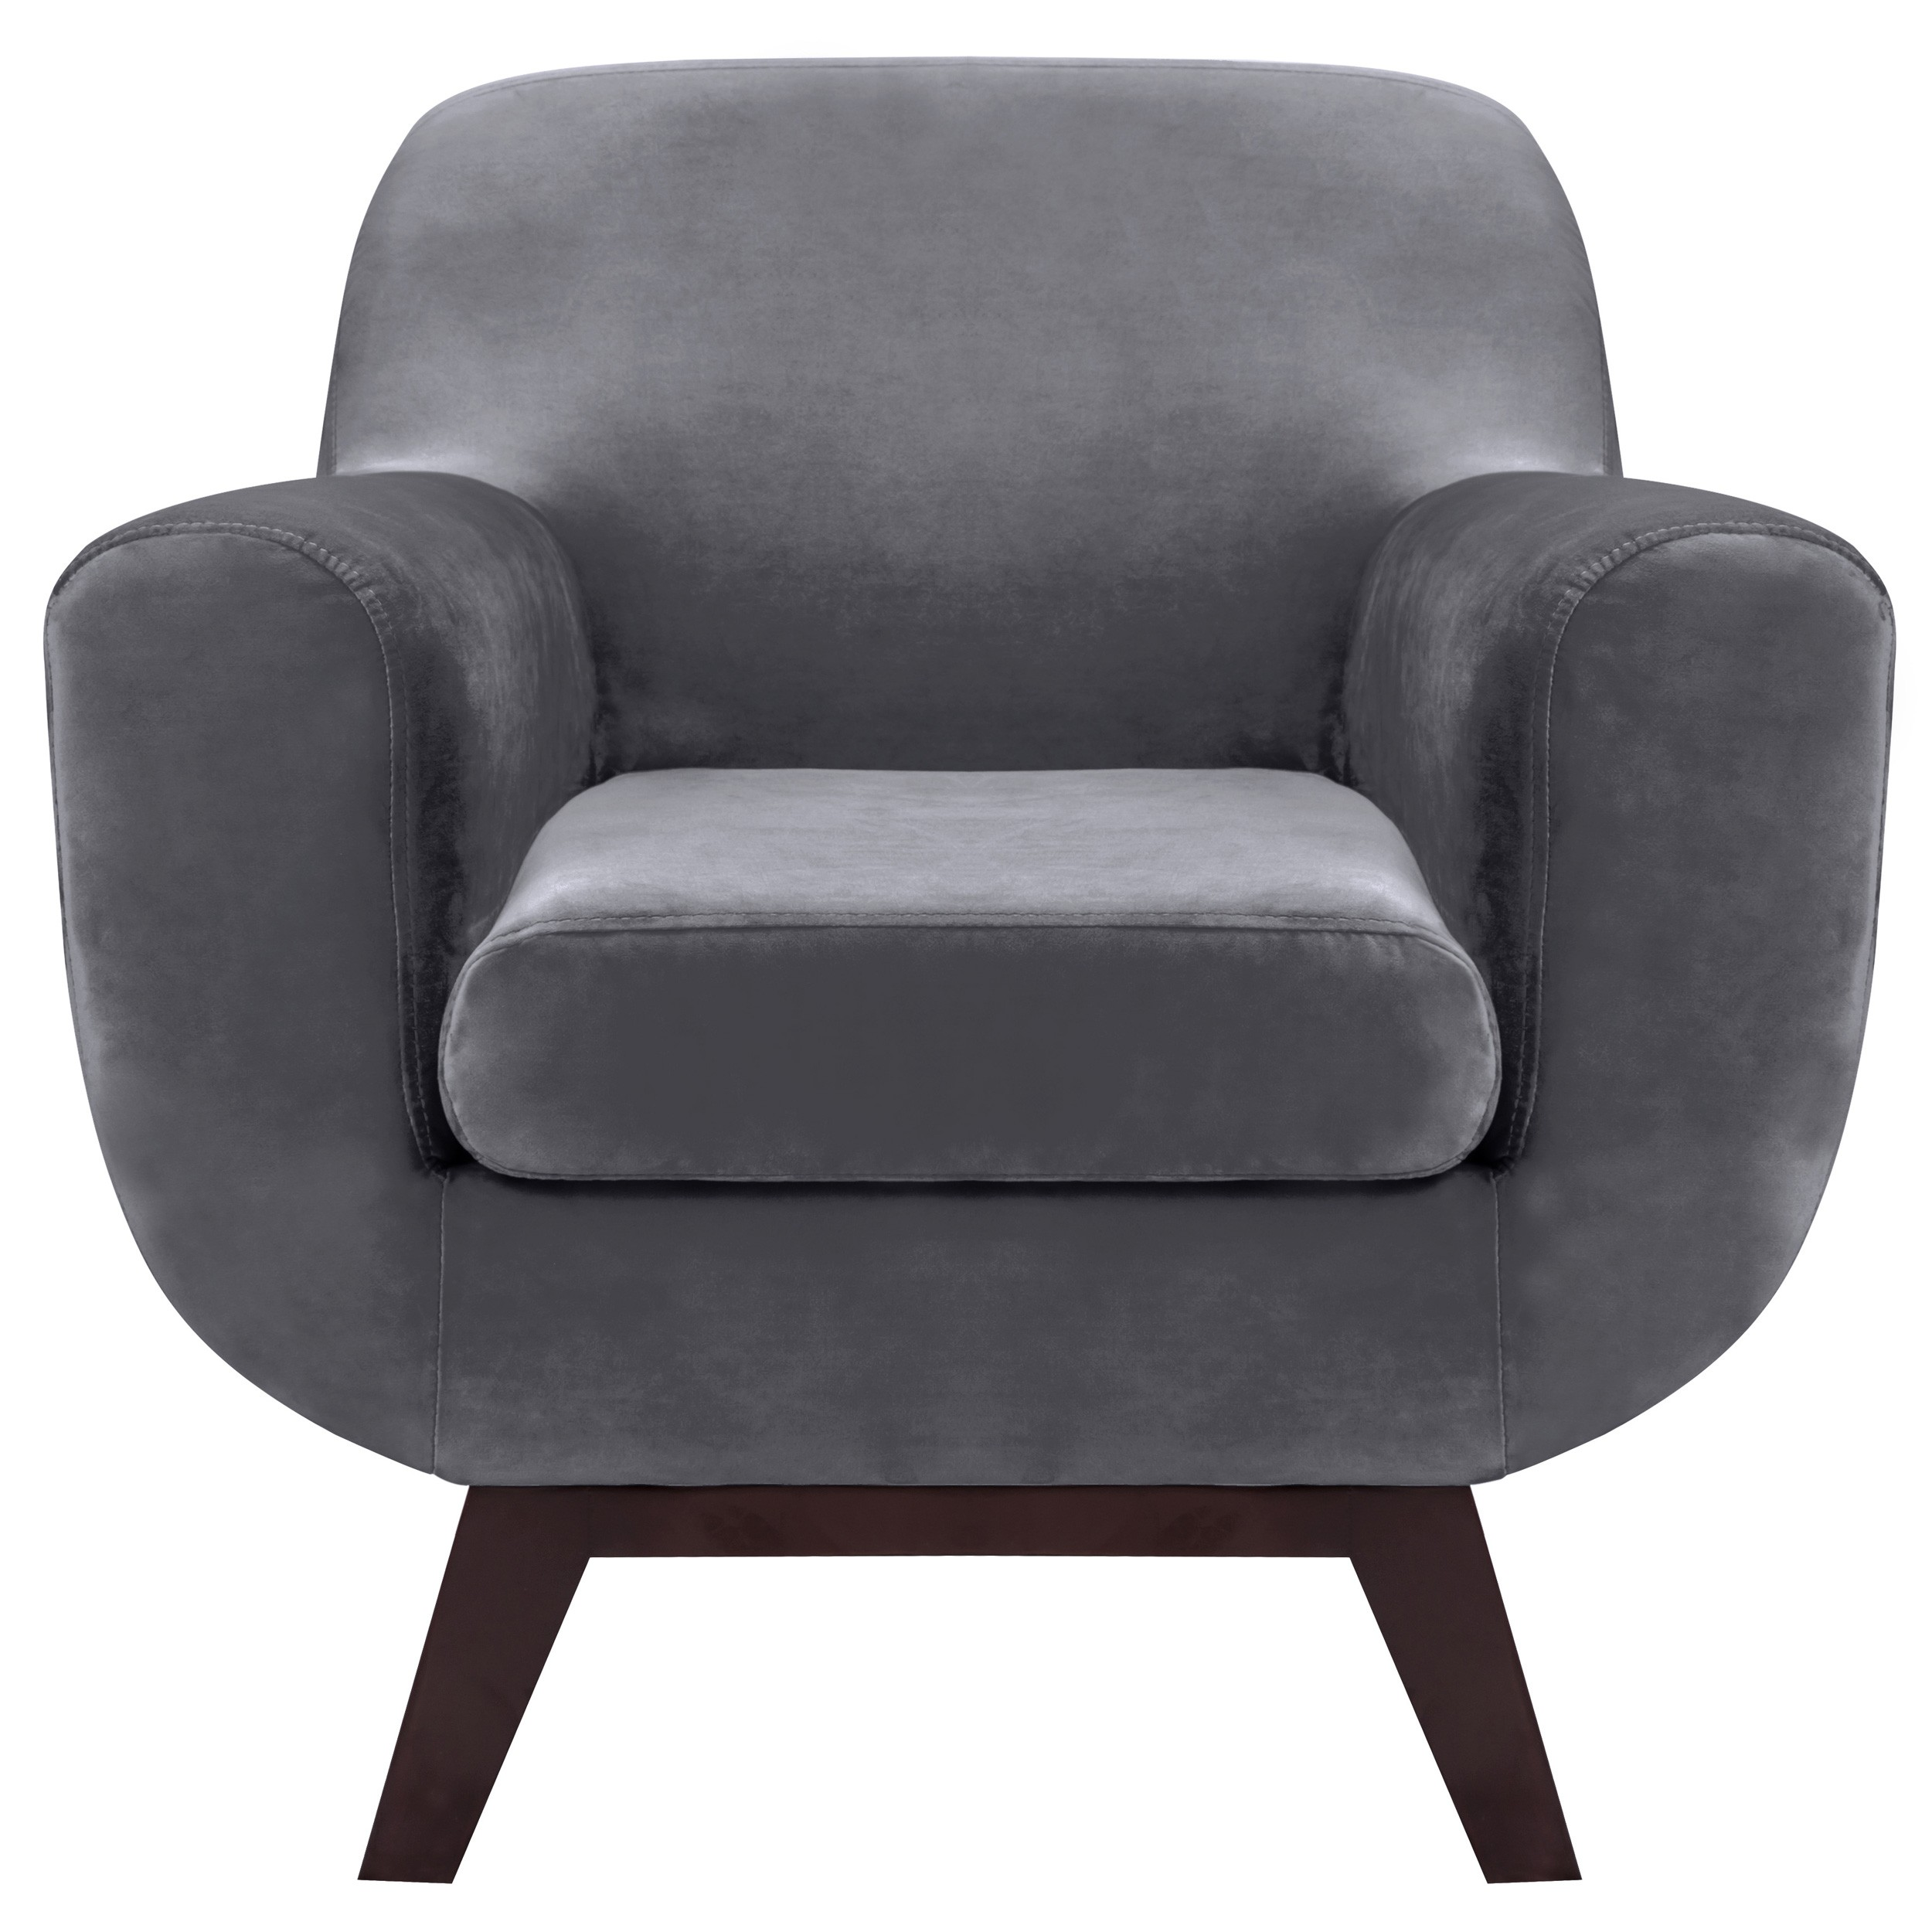 acheter fauteuil velours gris fonce Résultat Supérieur 5 Bon Marché Acheter Un Fauteuil Photographie 2017 Kjs7